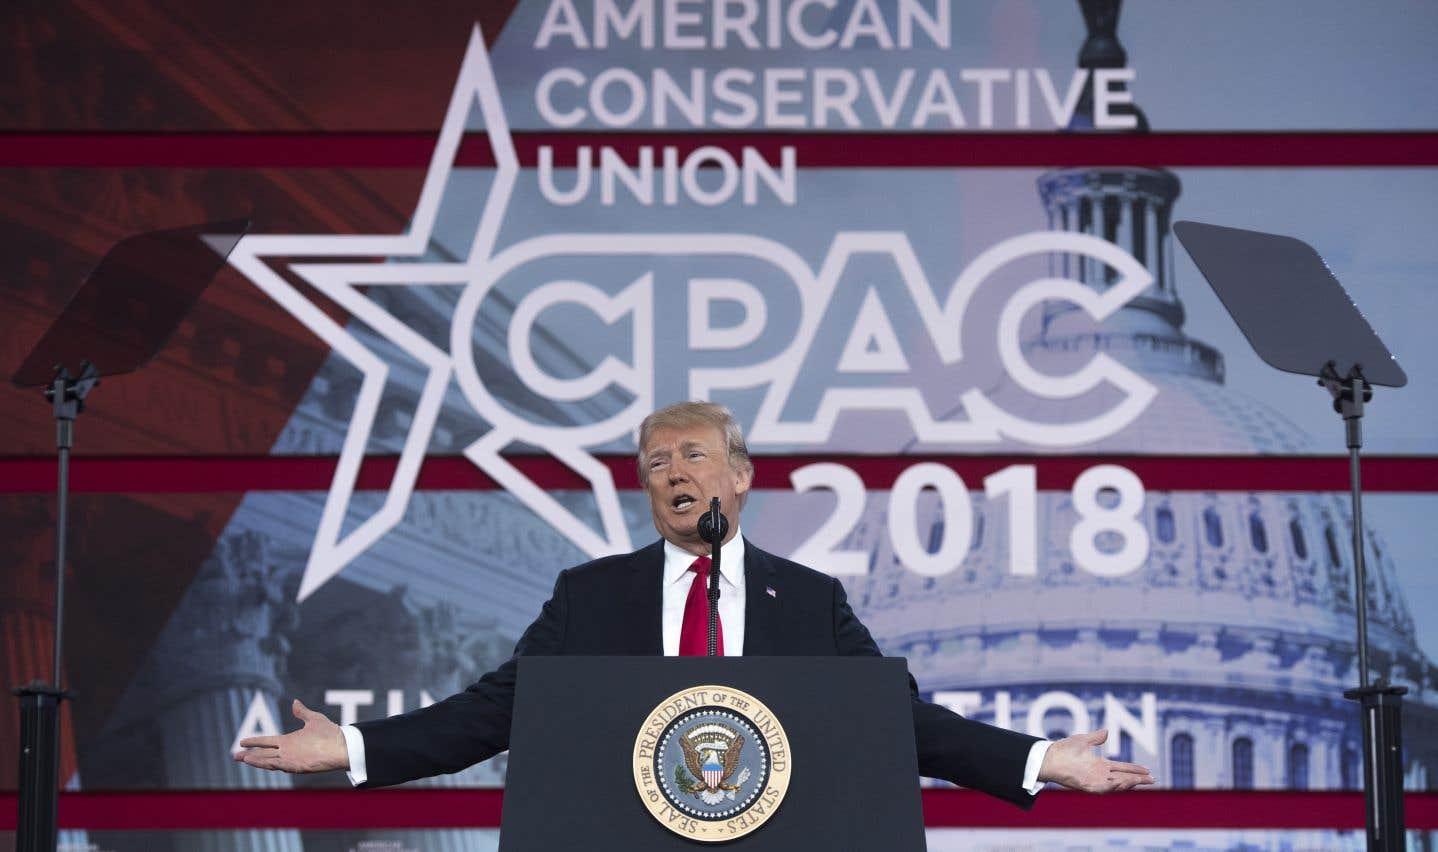 «Aujourd'hui, nous avons imposé [à la Corée du Nord] les sanctions les plus lourdes jamais imposées contre un pays», a lancé Donald Trump à l'issue d'un très long discours lors de la conférence CPAC.